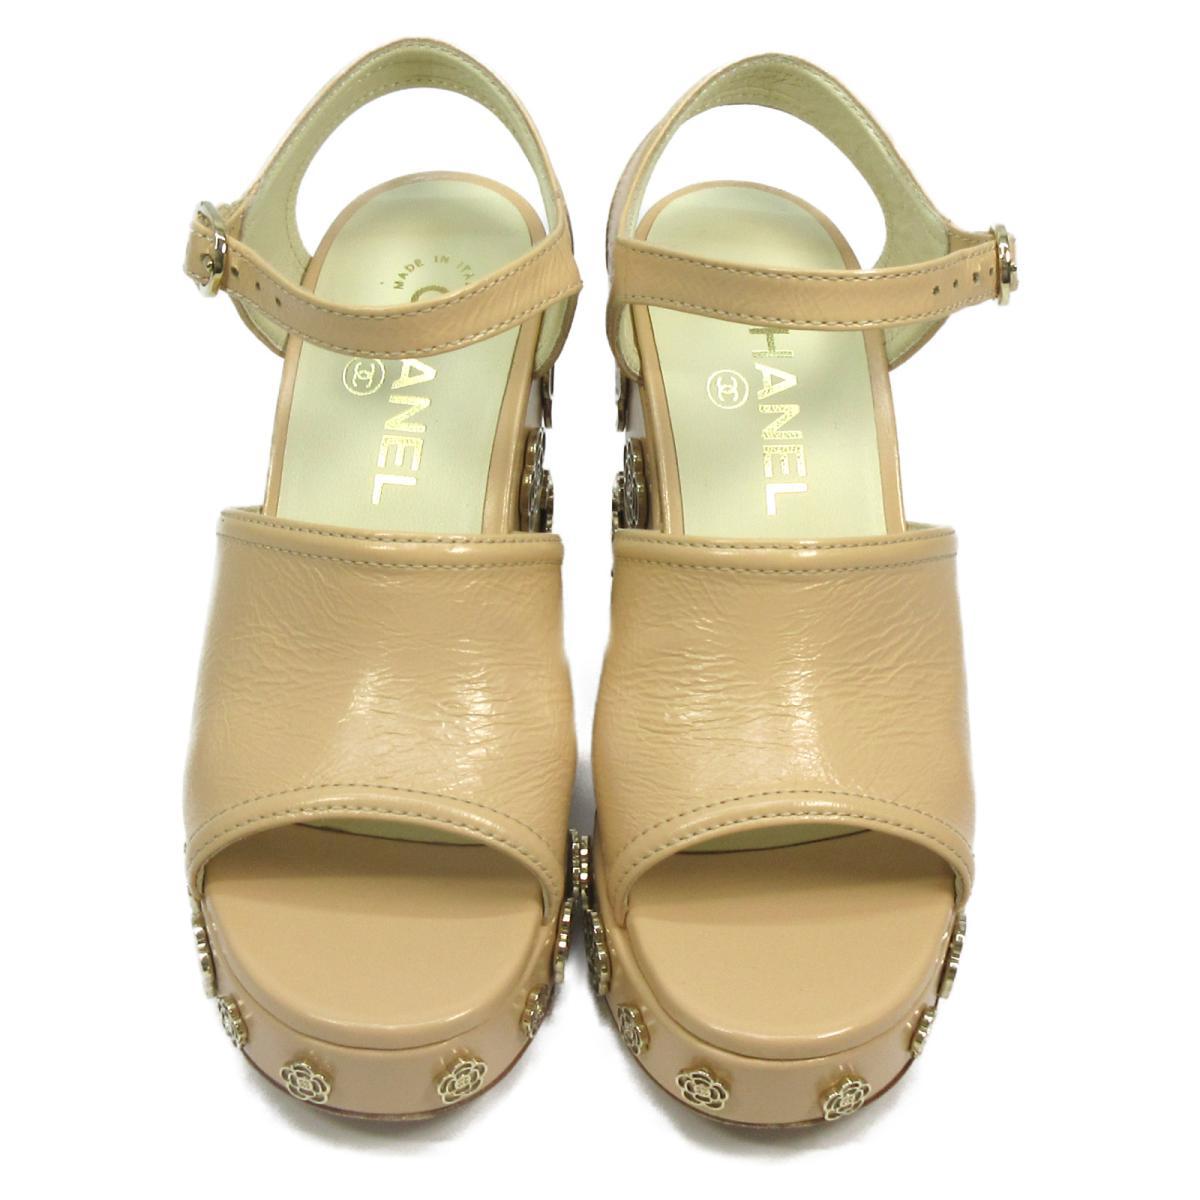 【中古】 シャネル カメリアモチーフ・サンダル レディース レザー ベージュ x ゴールド | CHANEL くつ 靴 カメリアモチーフ・サンダル 美品 ブランドオフ